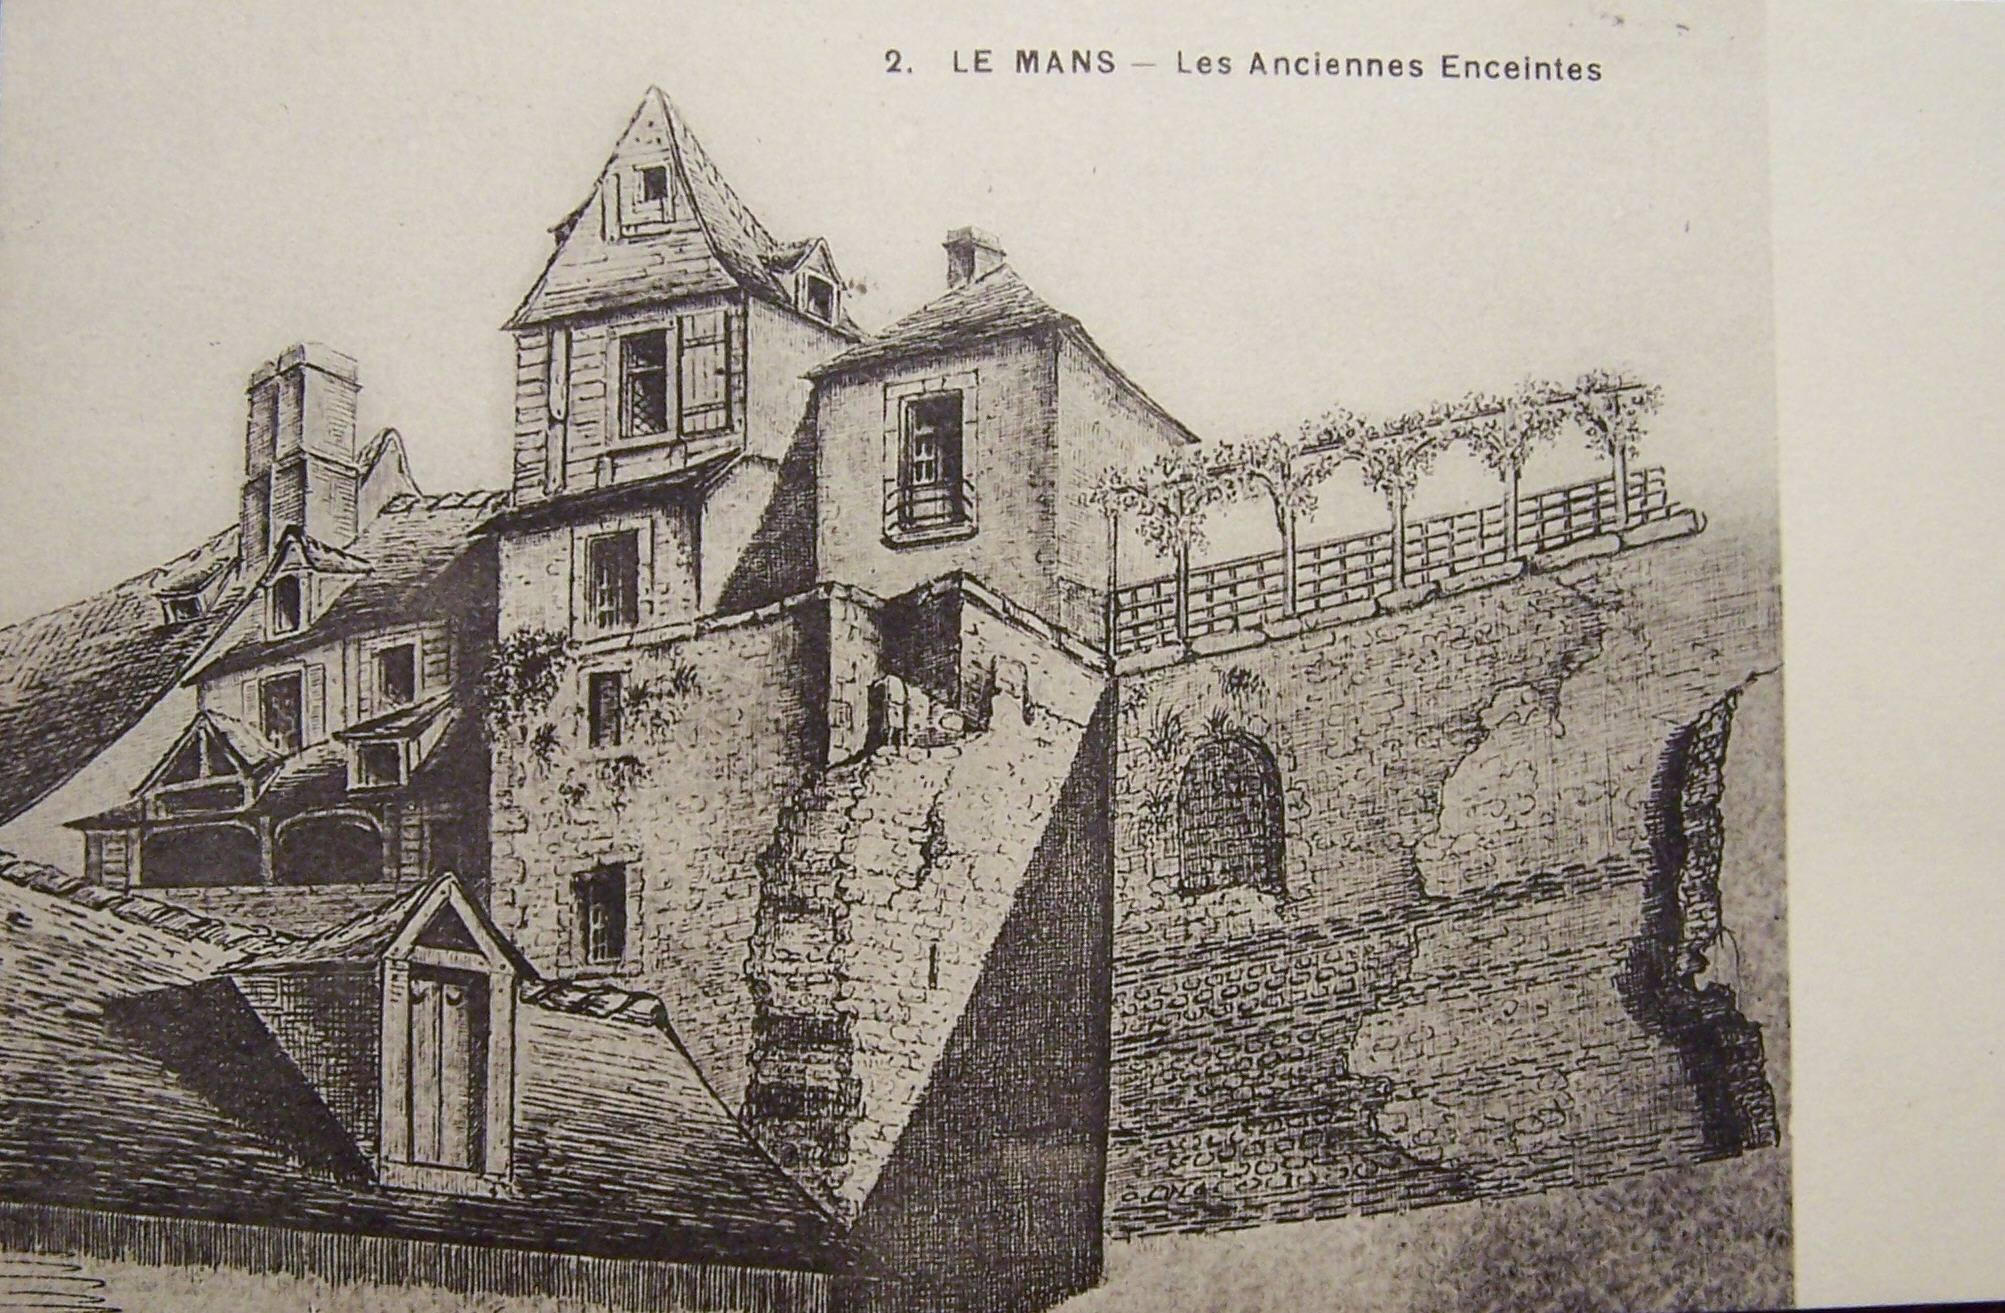 Le Vieux Mans - L'enceinte romaine - Les Anciennes Enceintes 01